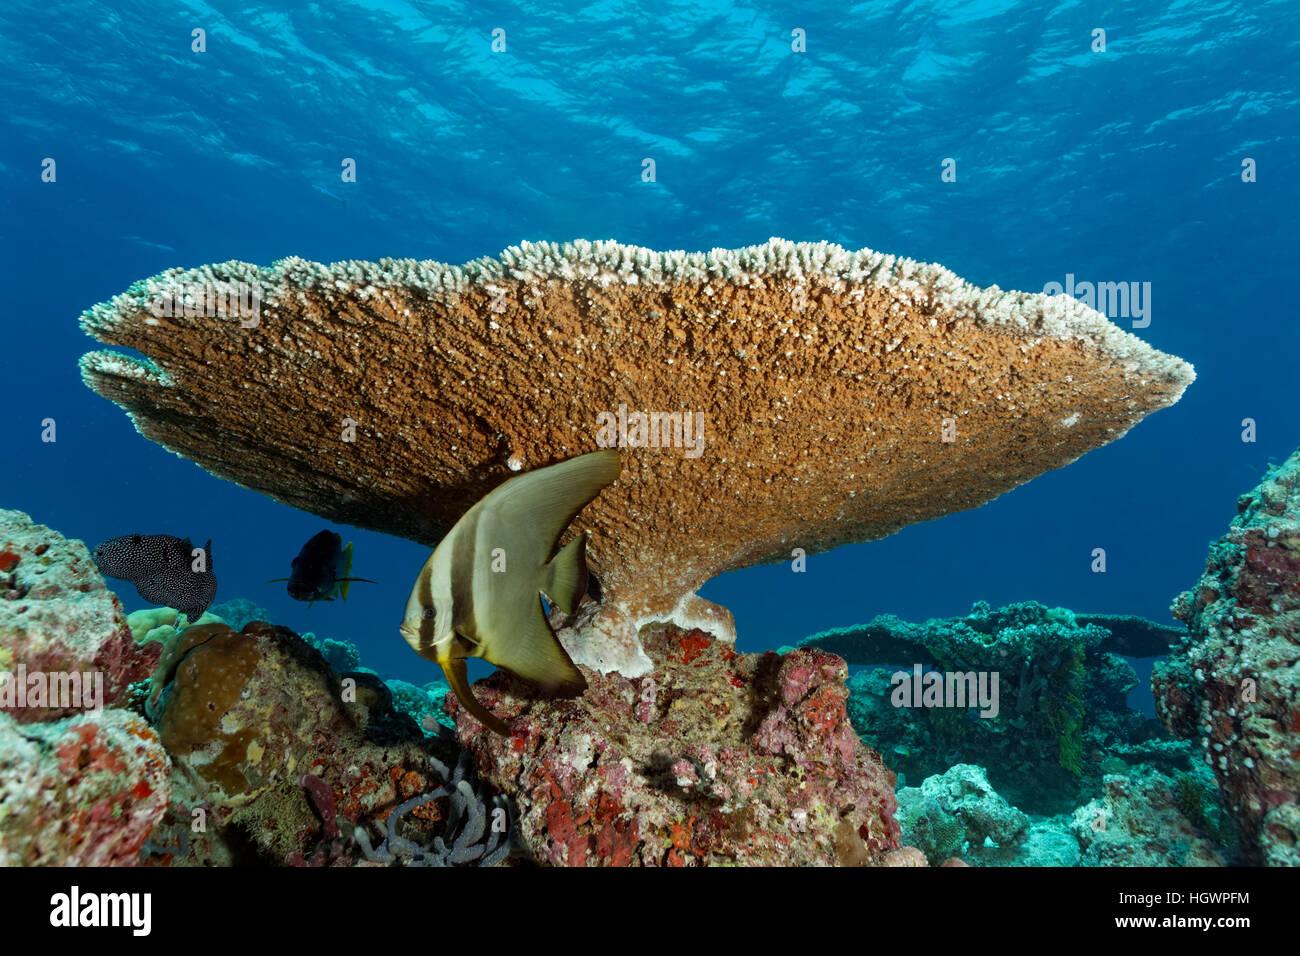 Les jeunes requins platax Platax teira (), se cachant sous la table robuste (coraux Acropora robusta), Lhaviyani Photo Stock